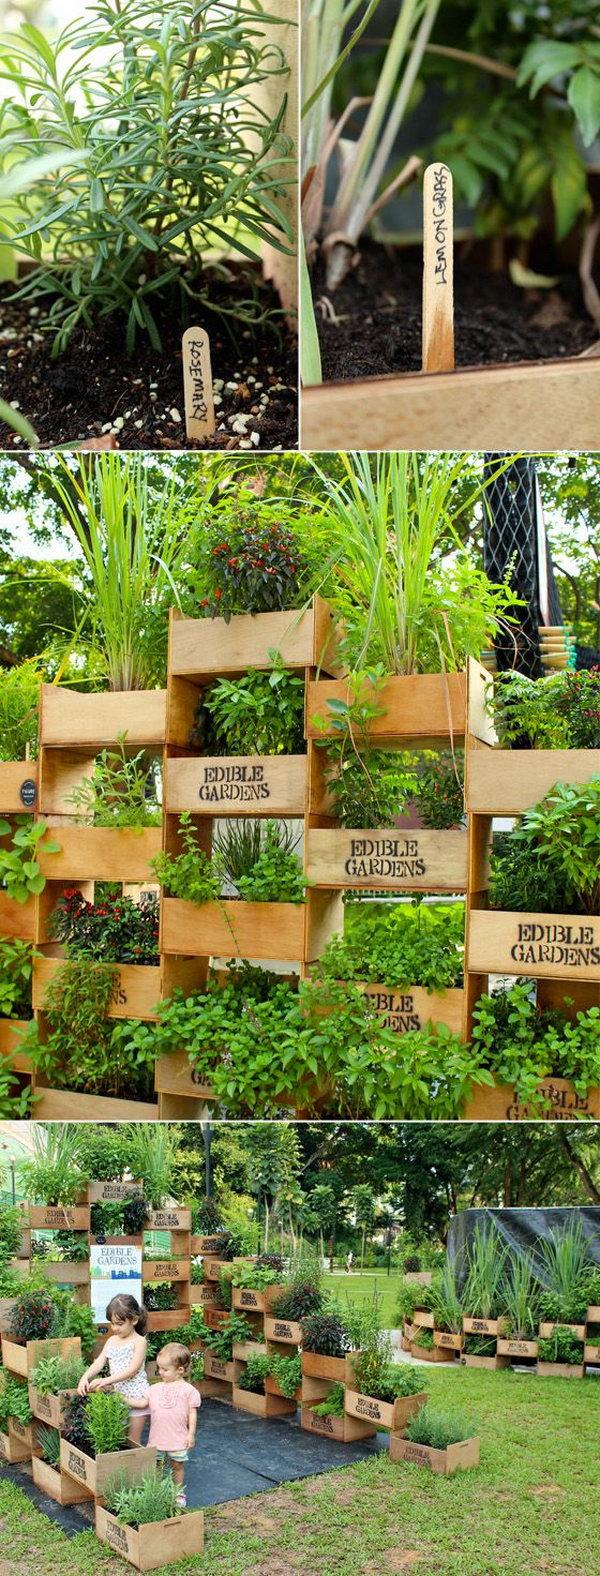 20+ Cool Vertical Gardening Ideas 2017